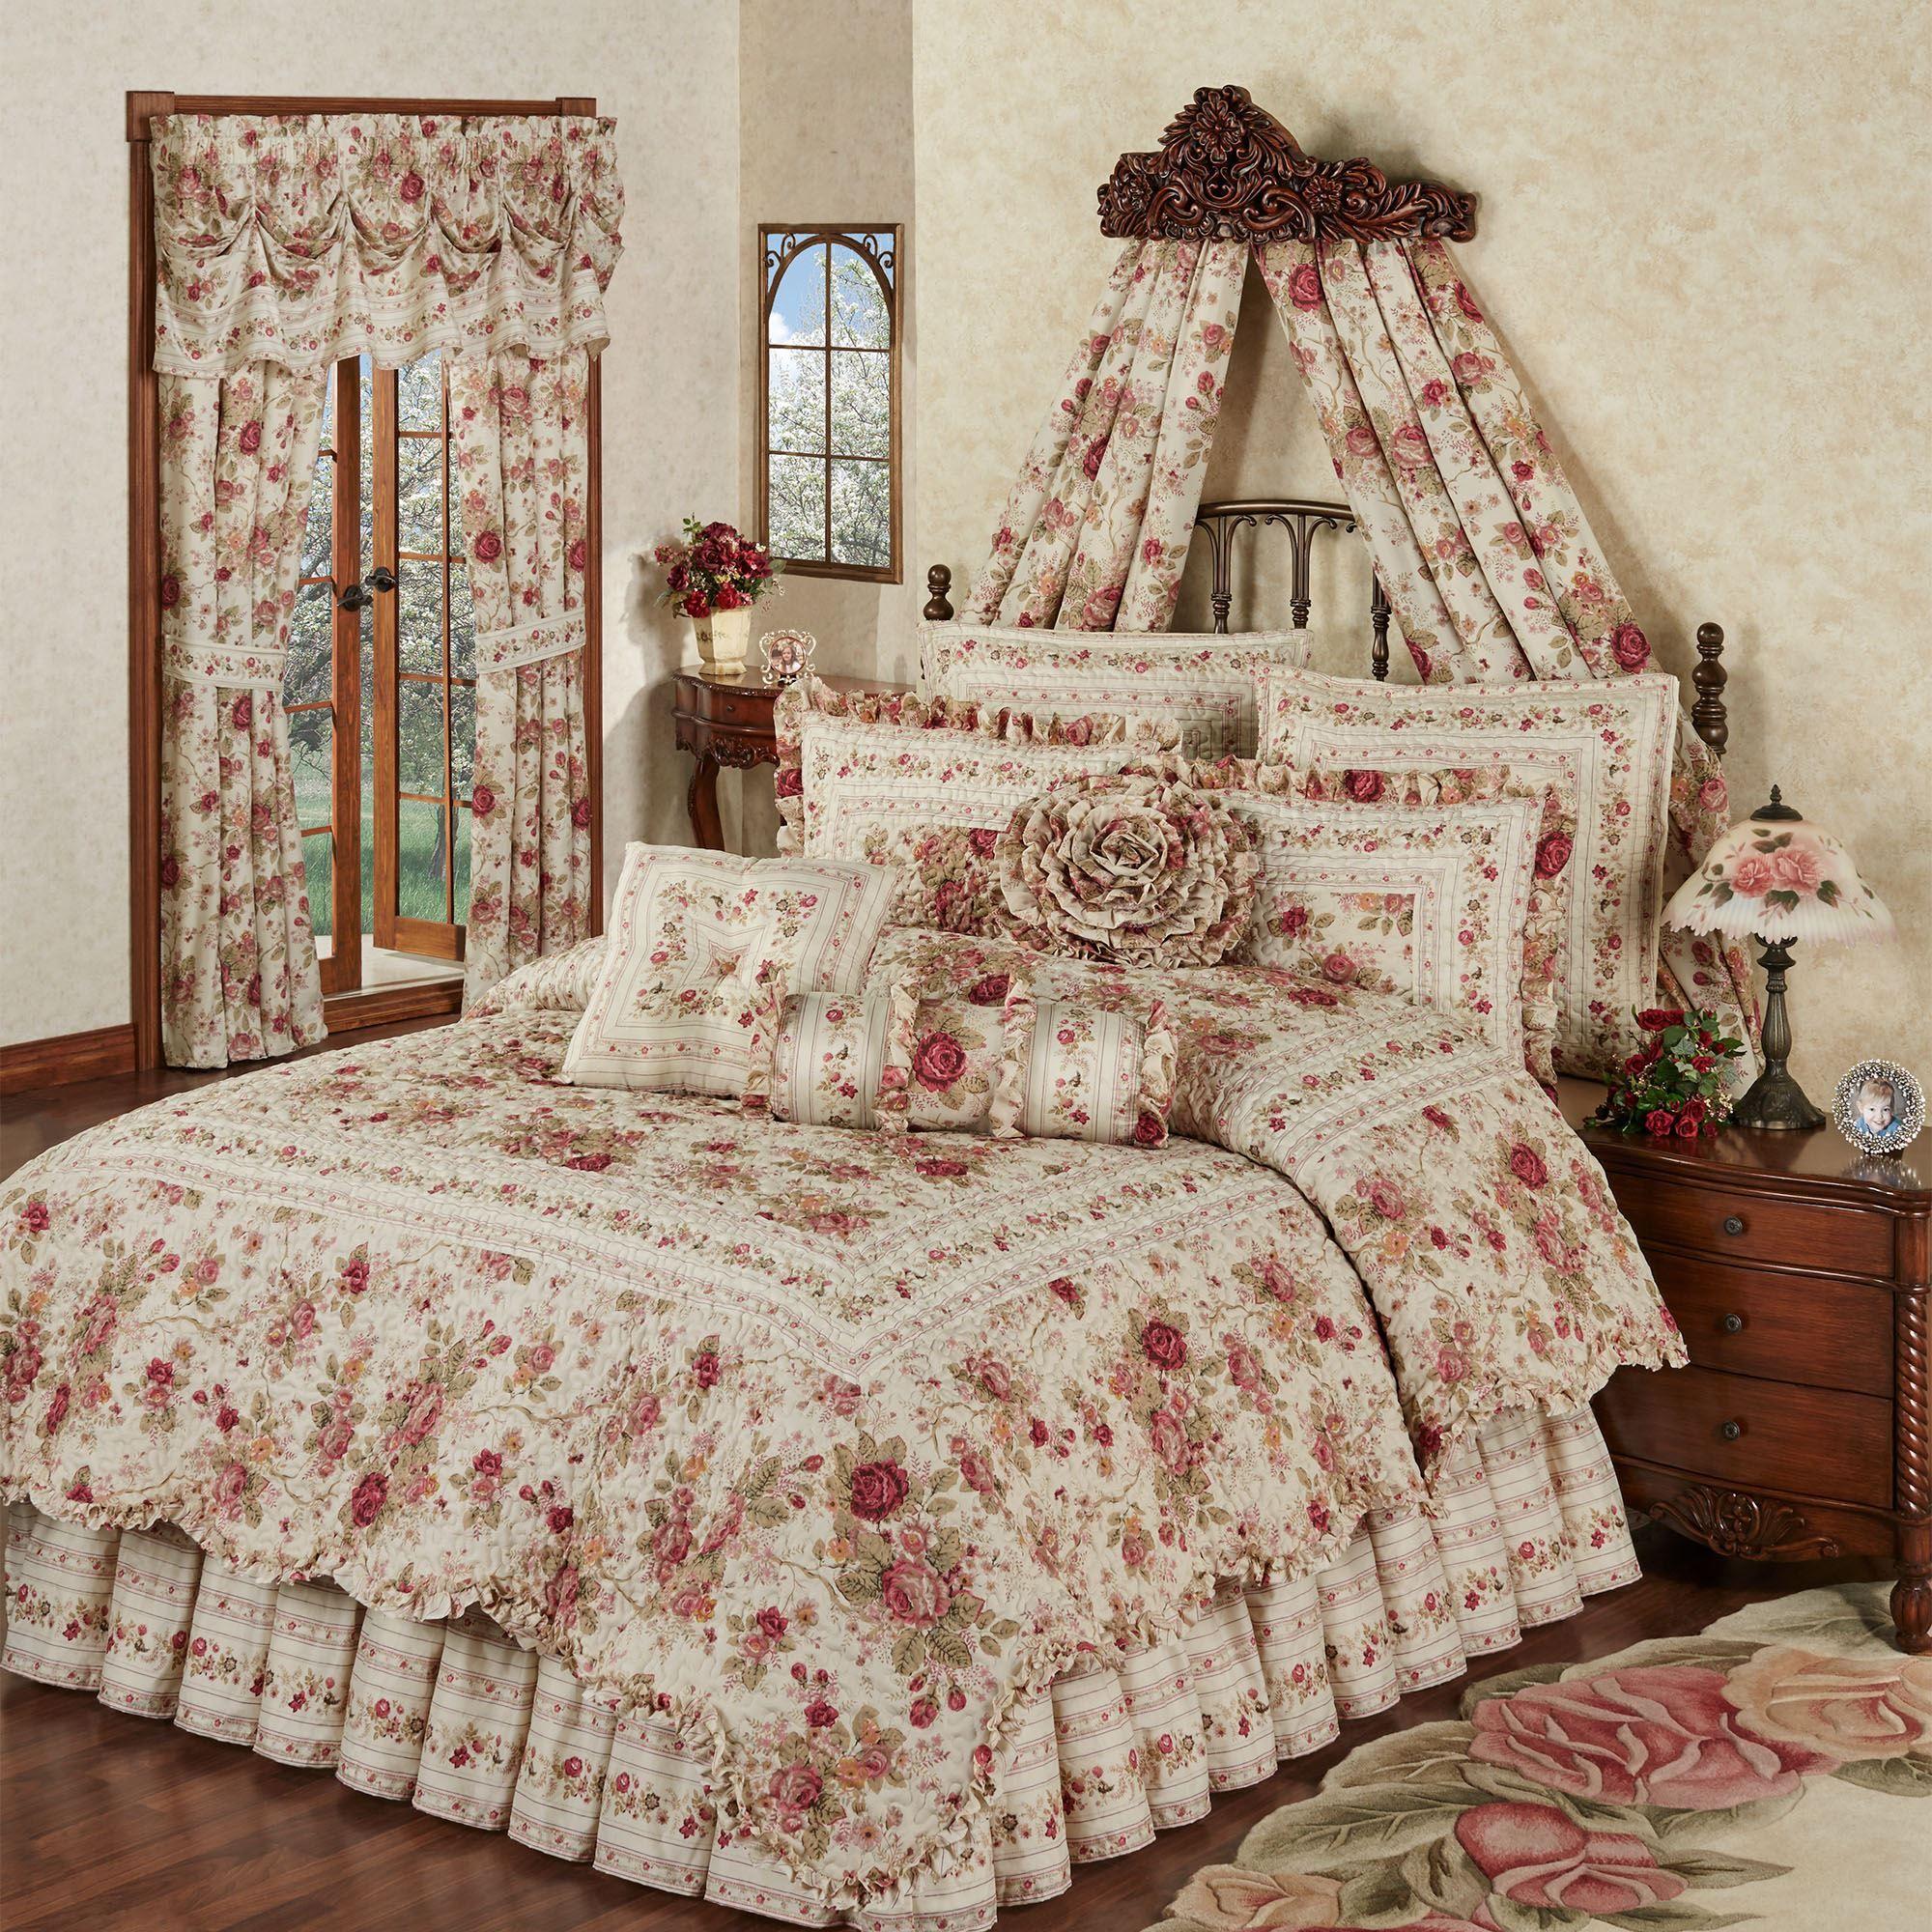 Heirloom Rose 4 Pc Floral Quilt Set